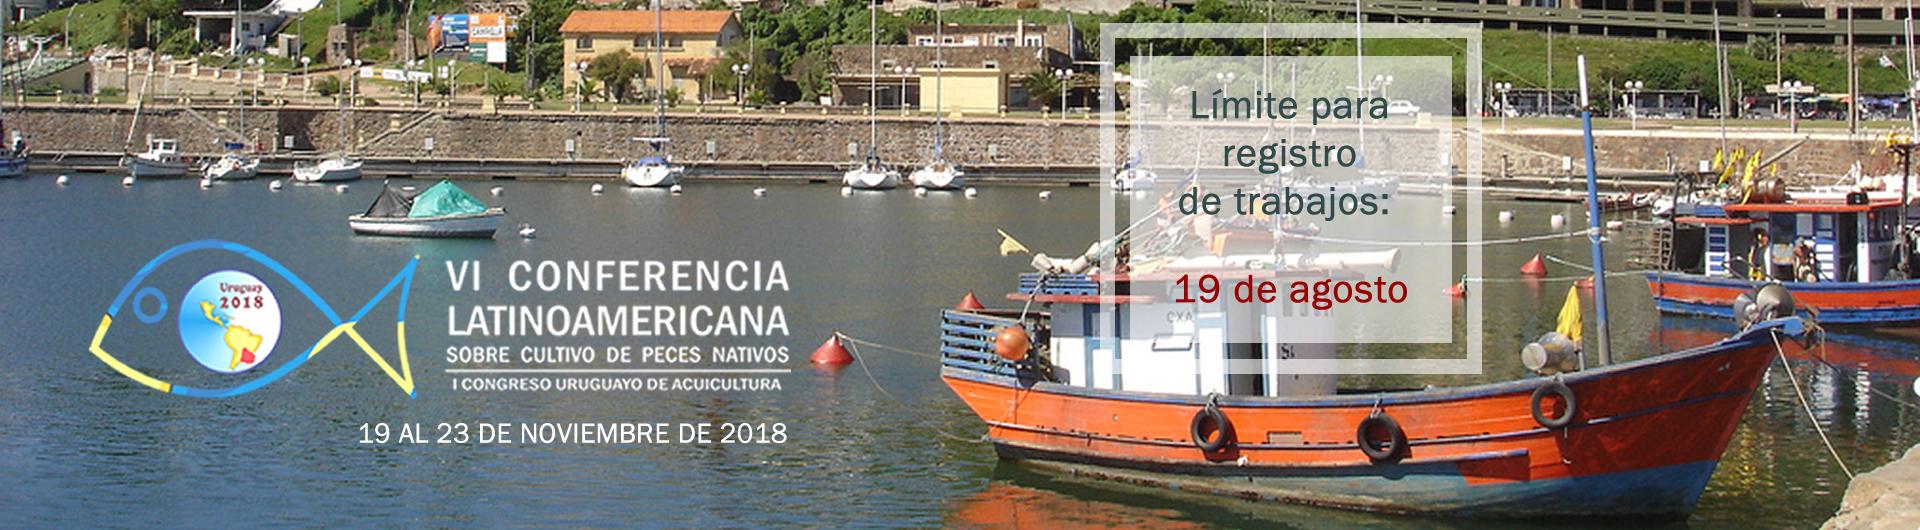 VI Conferencia Latinoamericana Cultivo de peces nativos